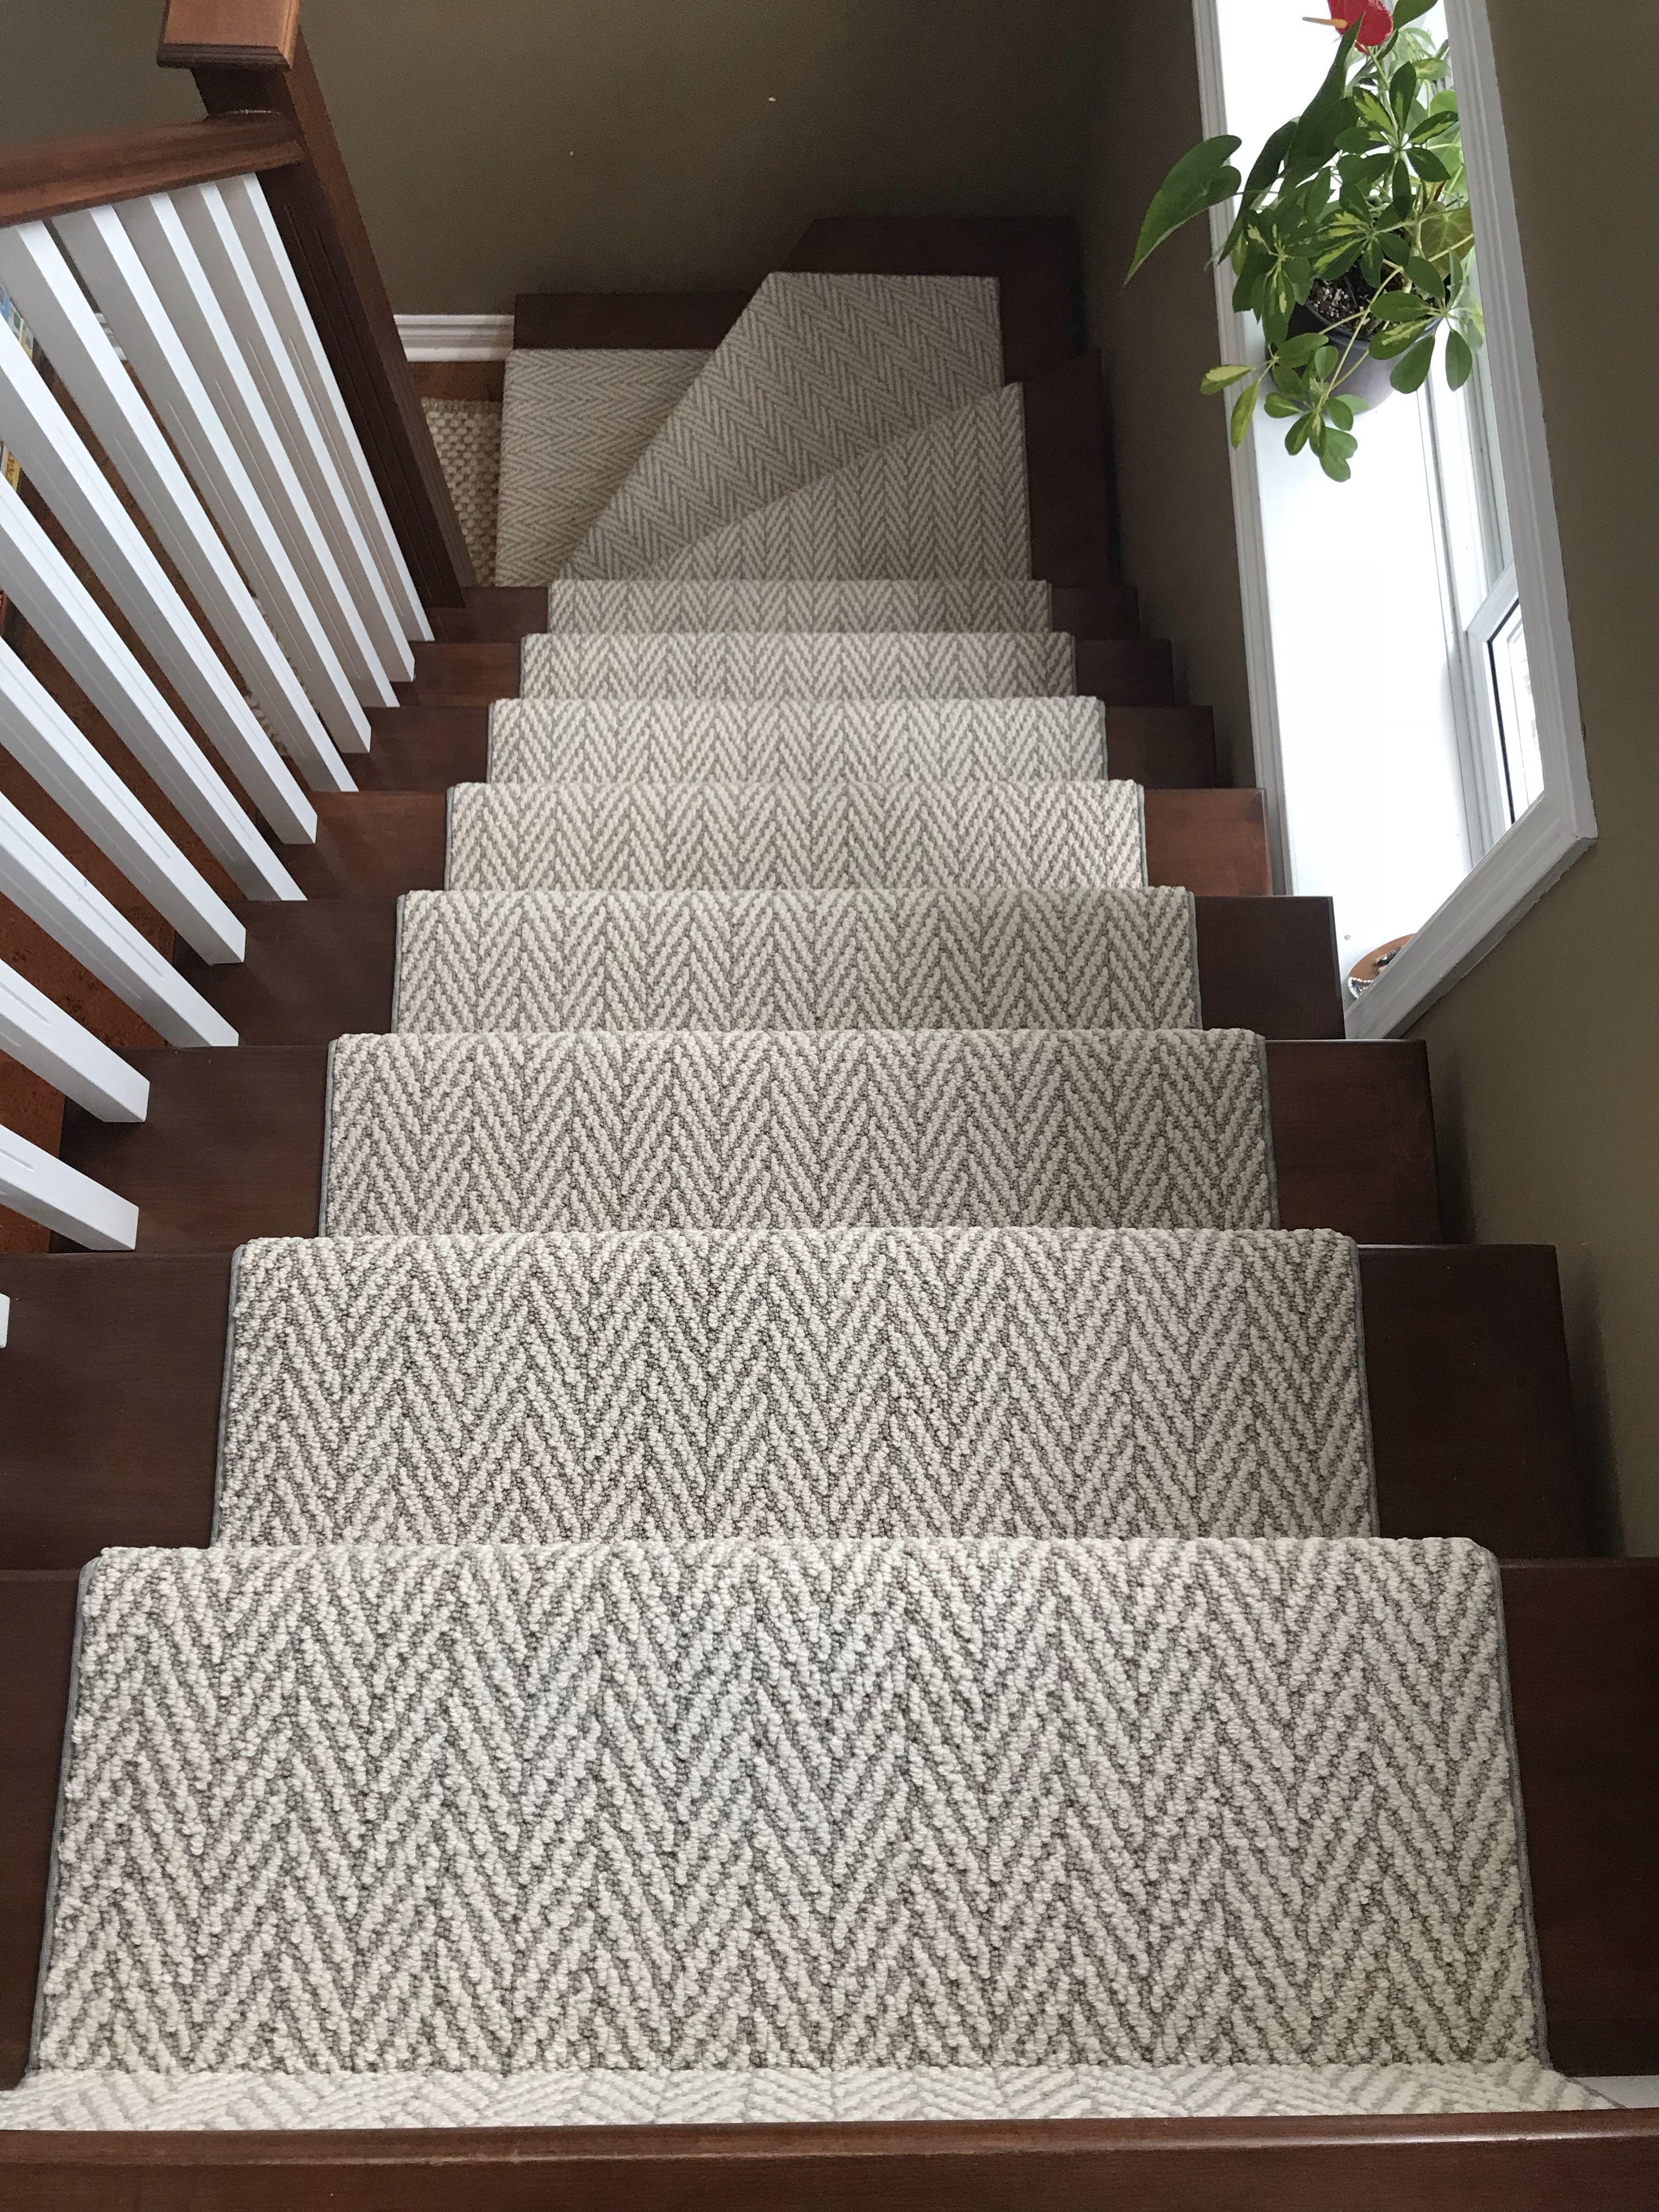 Stairs Runner Chevron Herringbone Runner Stair Runner In 2020 | Rug Runners For Steps | Design | Pattern | Black | Hallway | Animal Print